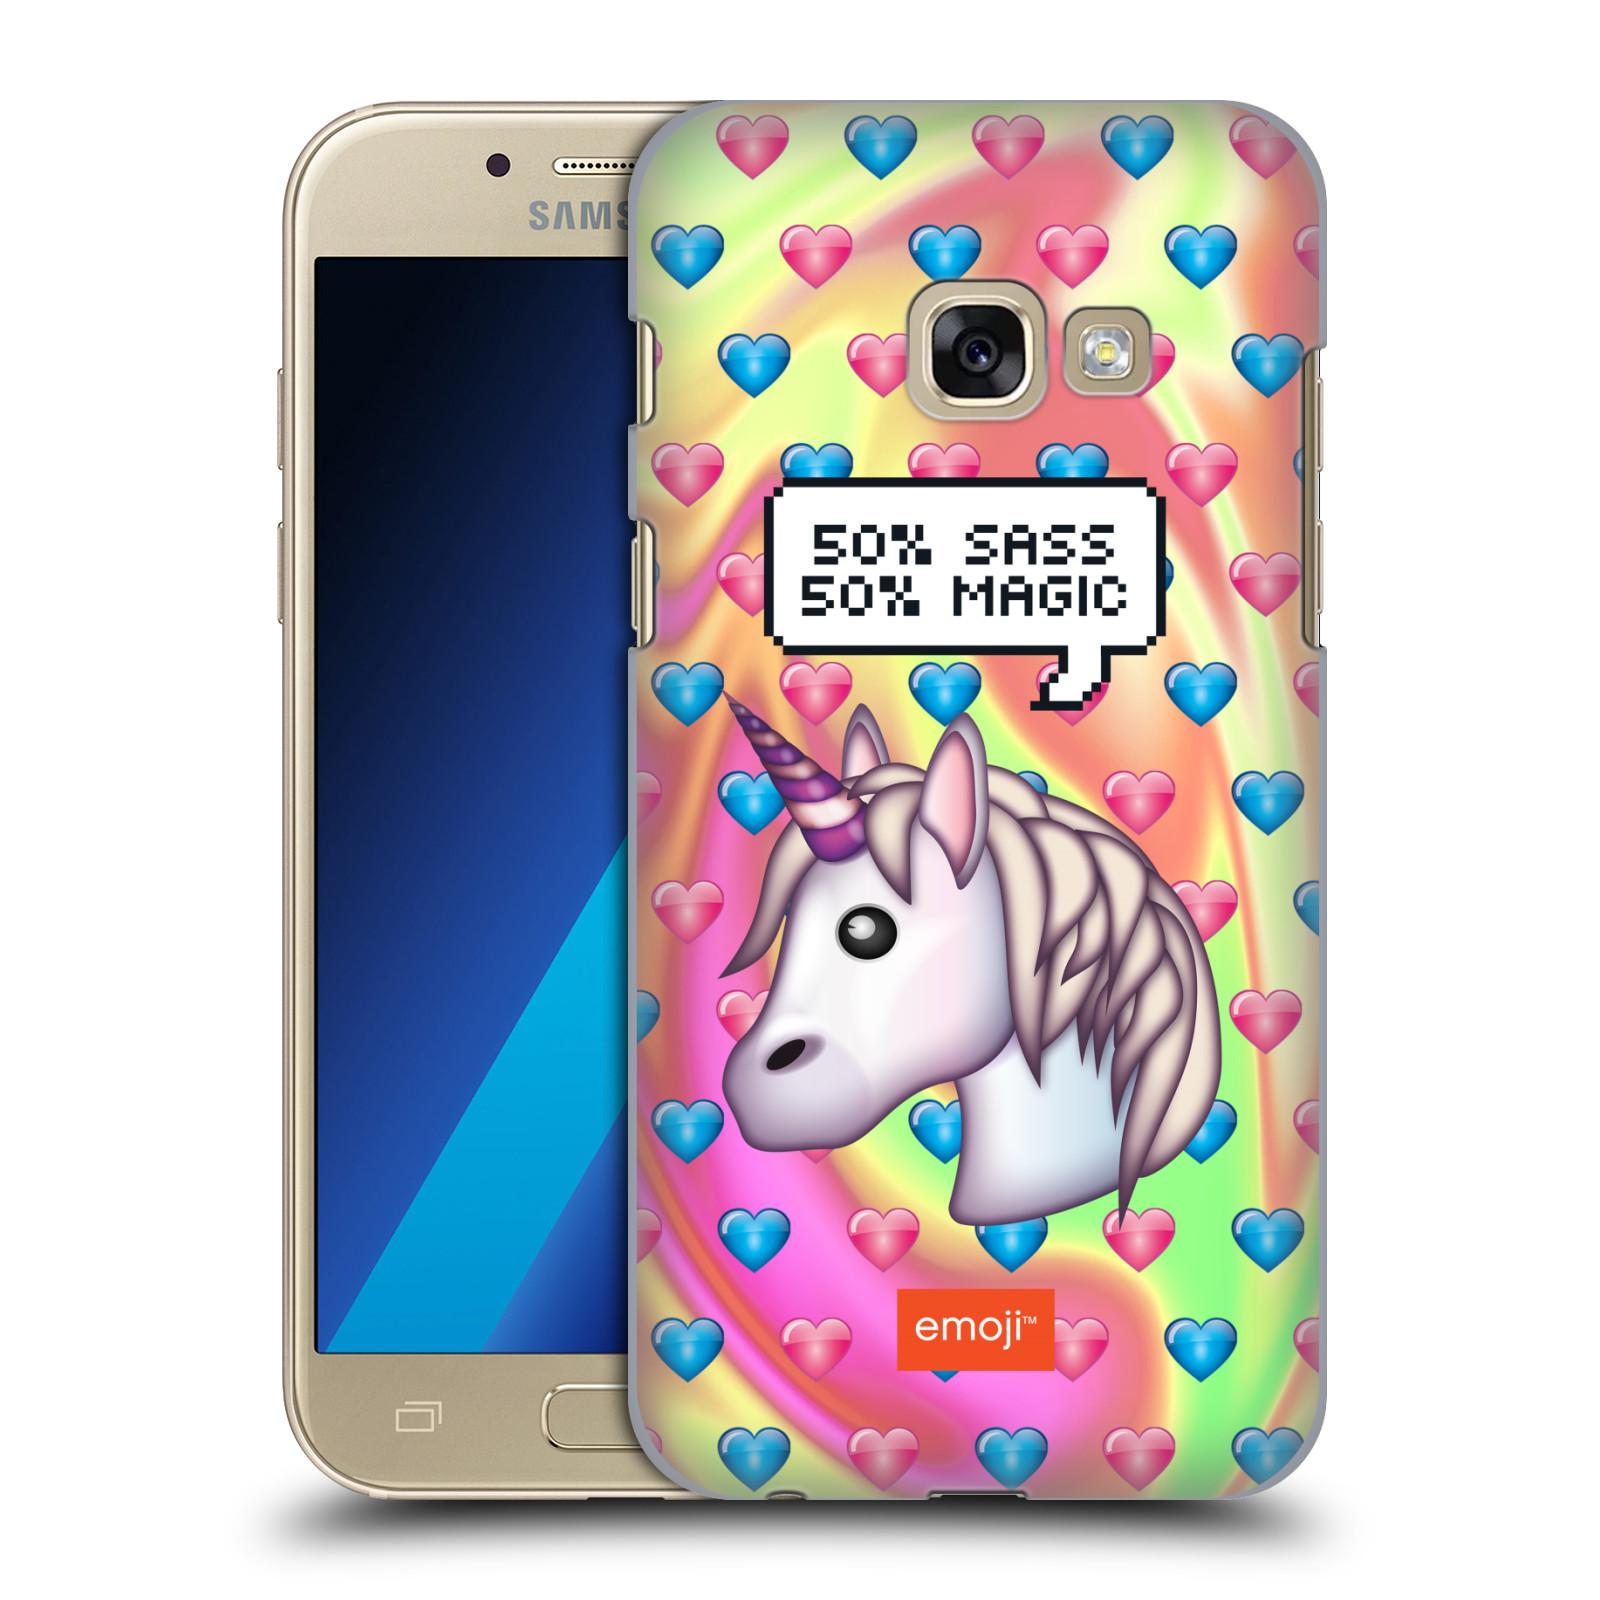 Plastové pouzdro na mobil Samsung Galaxy A3 (2017) HEAD CASE EMOJI - Jednorožec